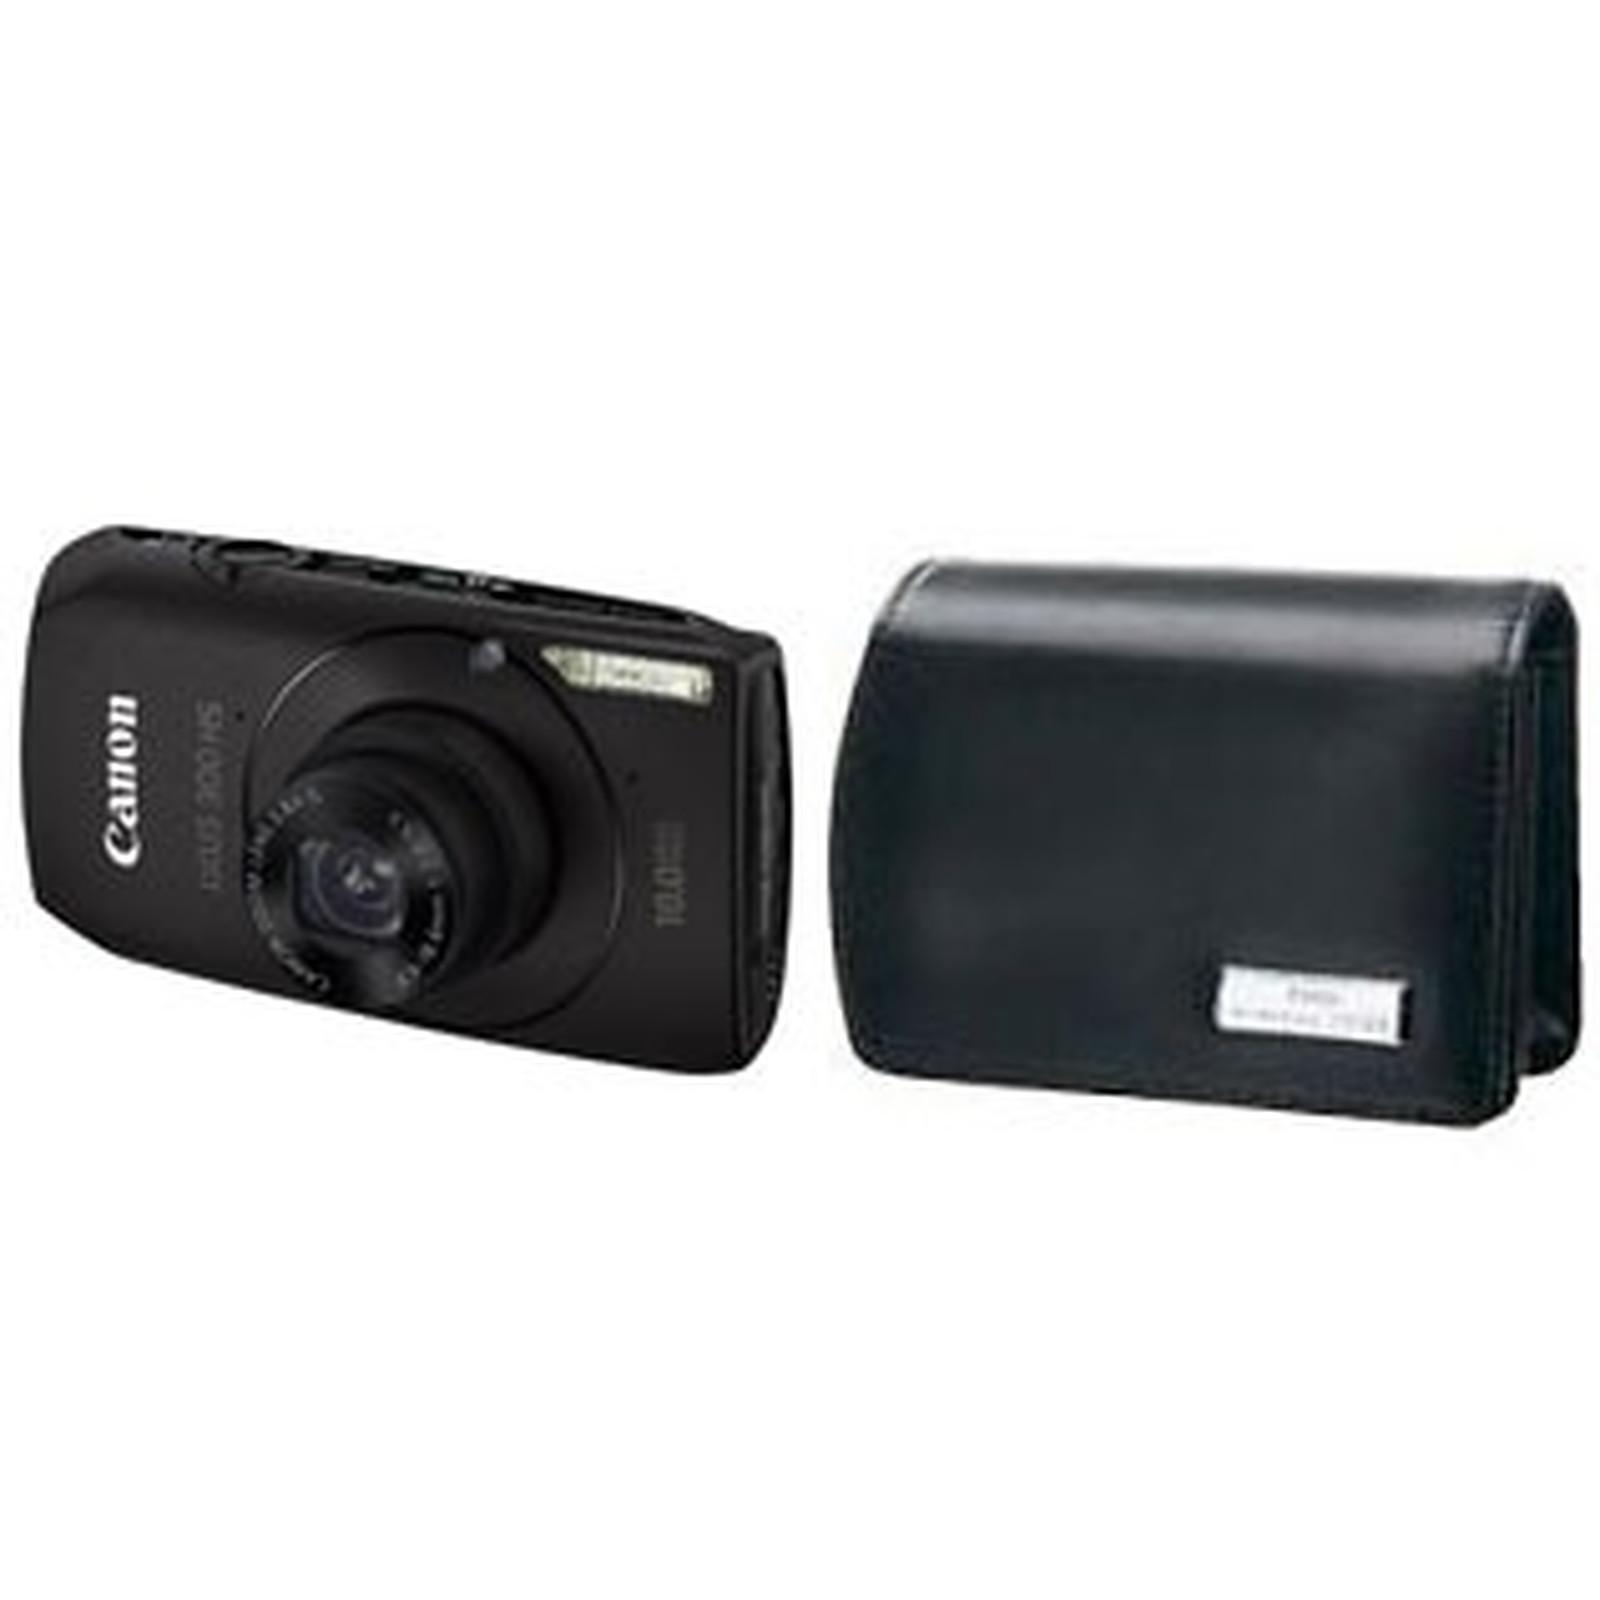 Canon IXUS 300 HS Noir + Housse DCC-70